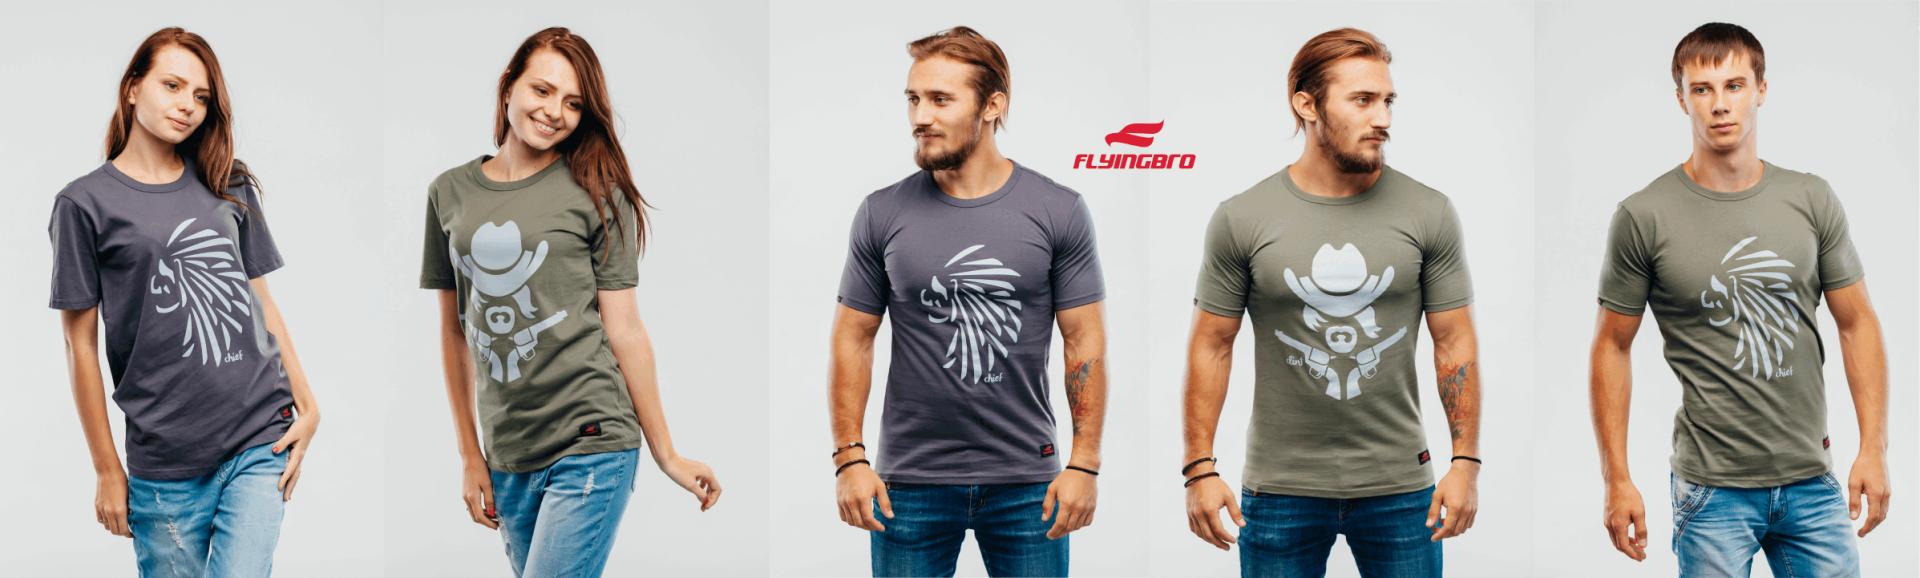 Как продавать стильные футболки на 30 млн. долларов в год